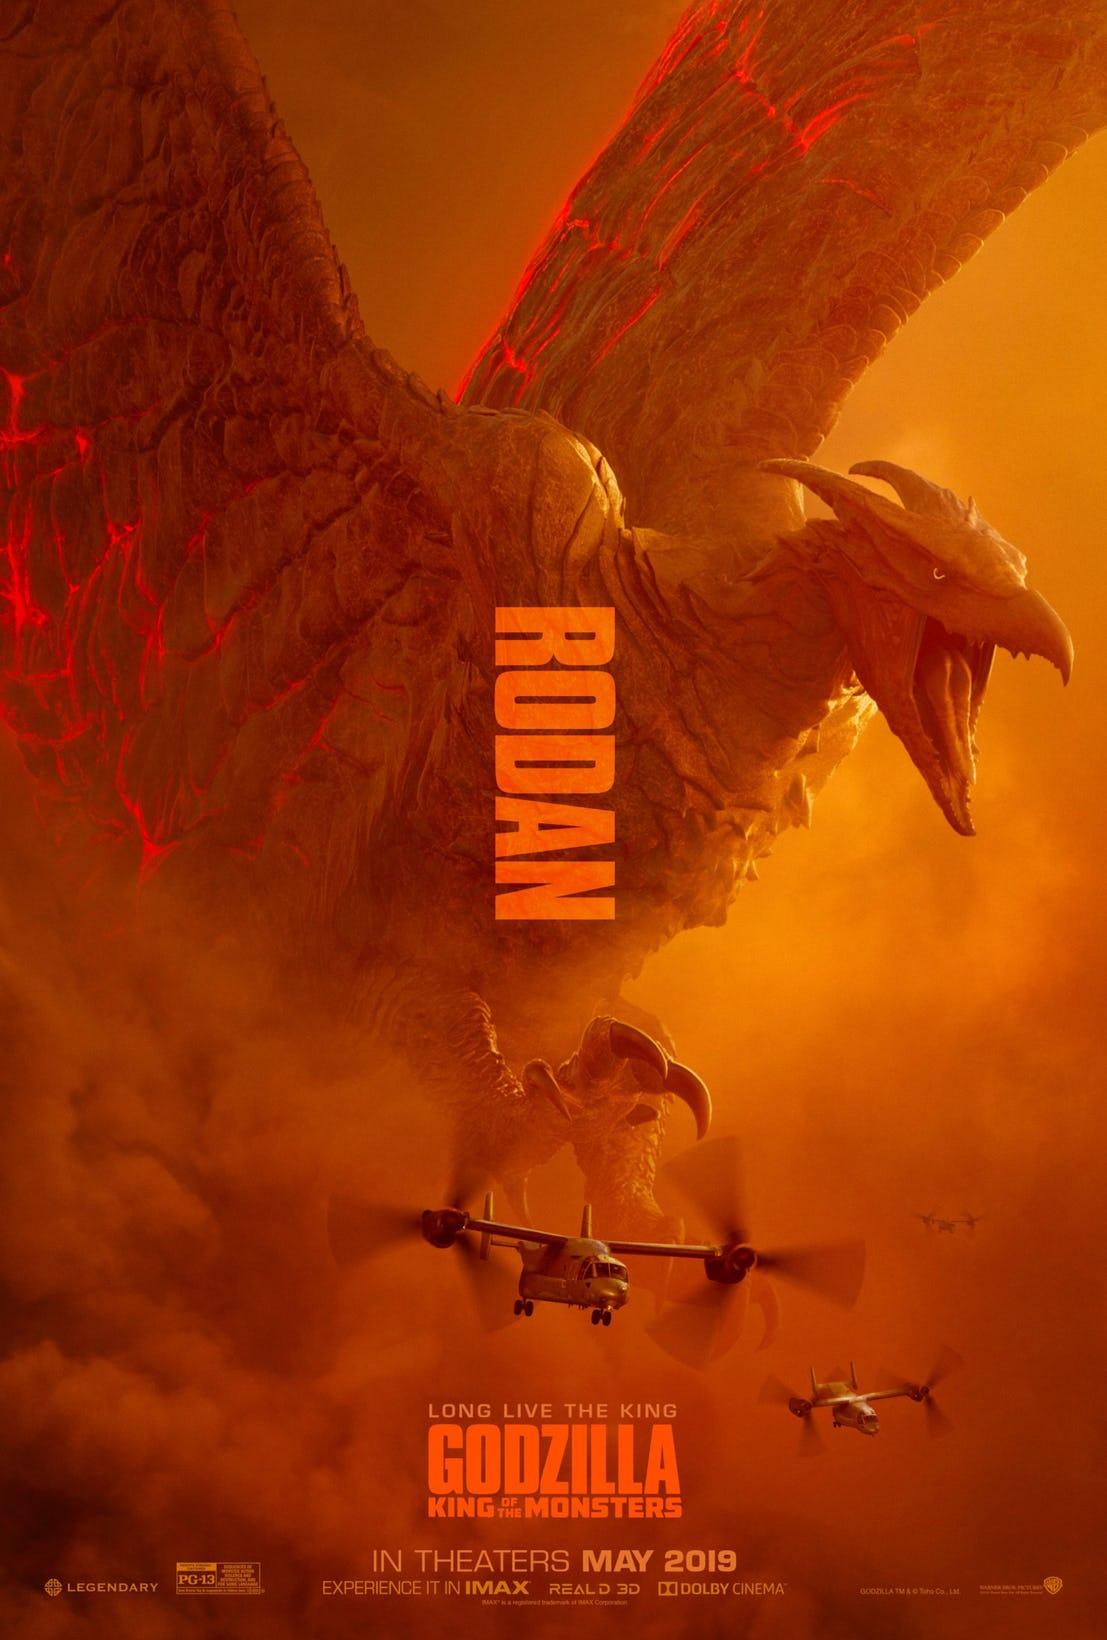 پوسترهای جدید فیلم گودزیلا: سلطان هیولاها